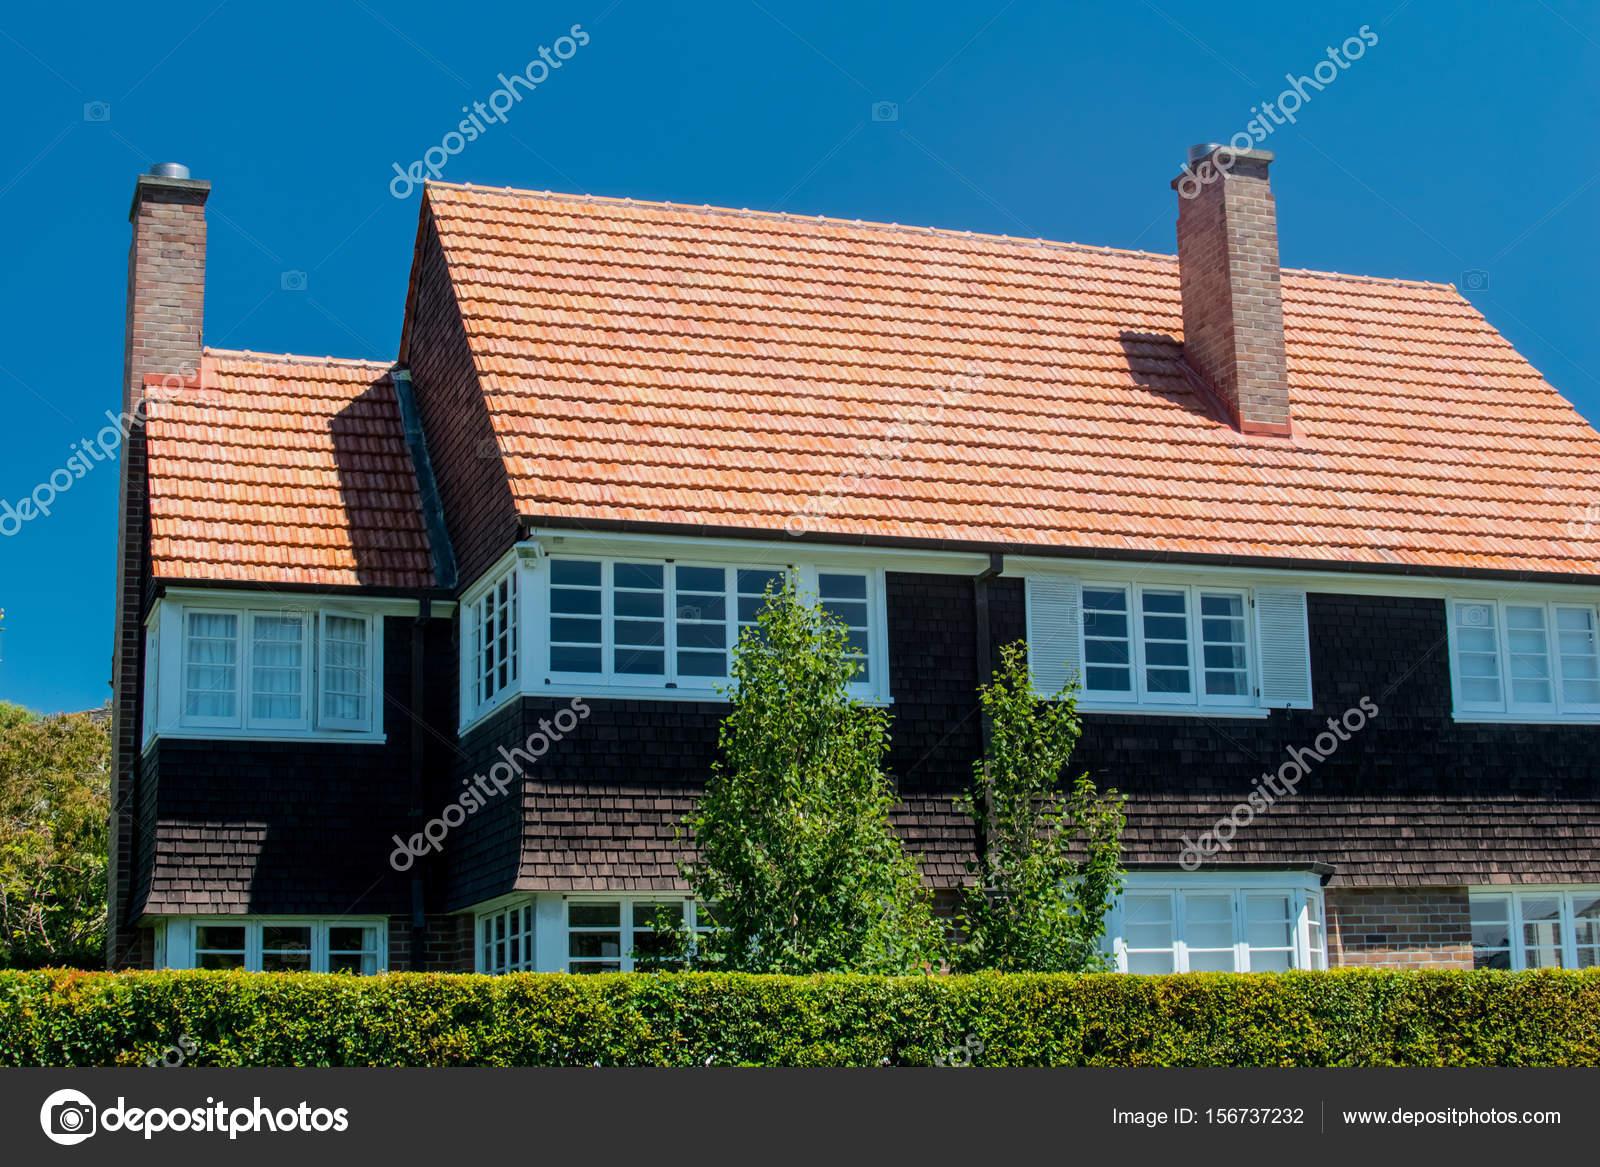 schönes Haus außen an sonnigen Tag — Stockfoto © vician #156737232